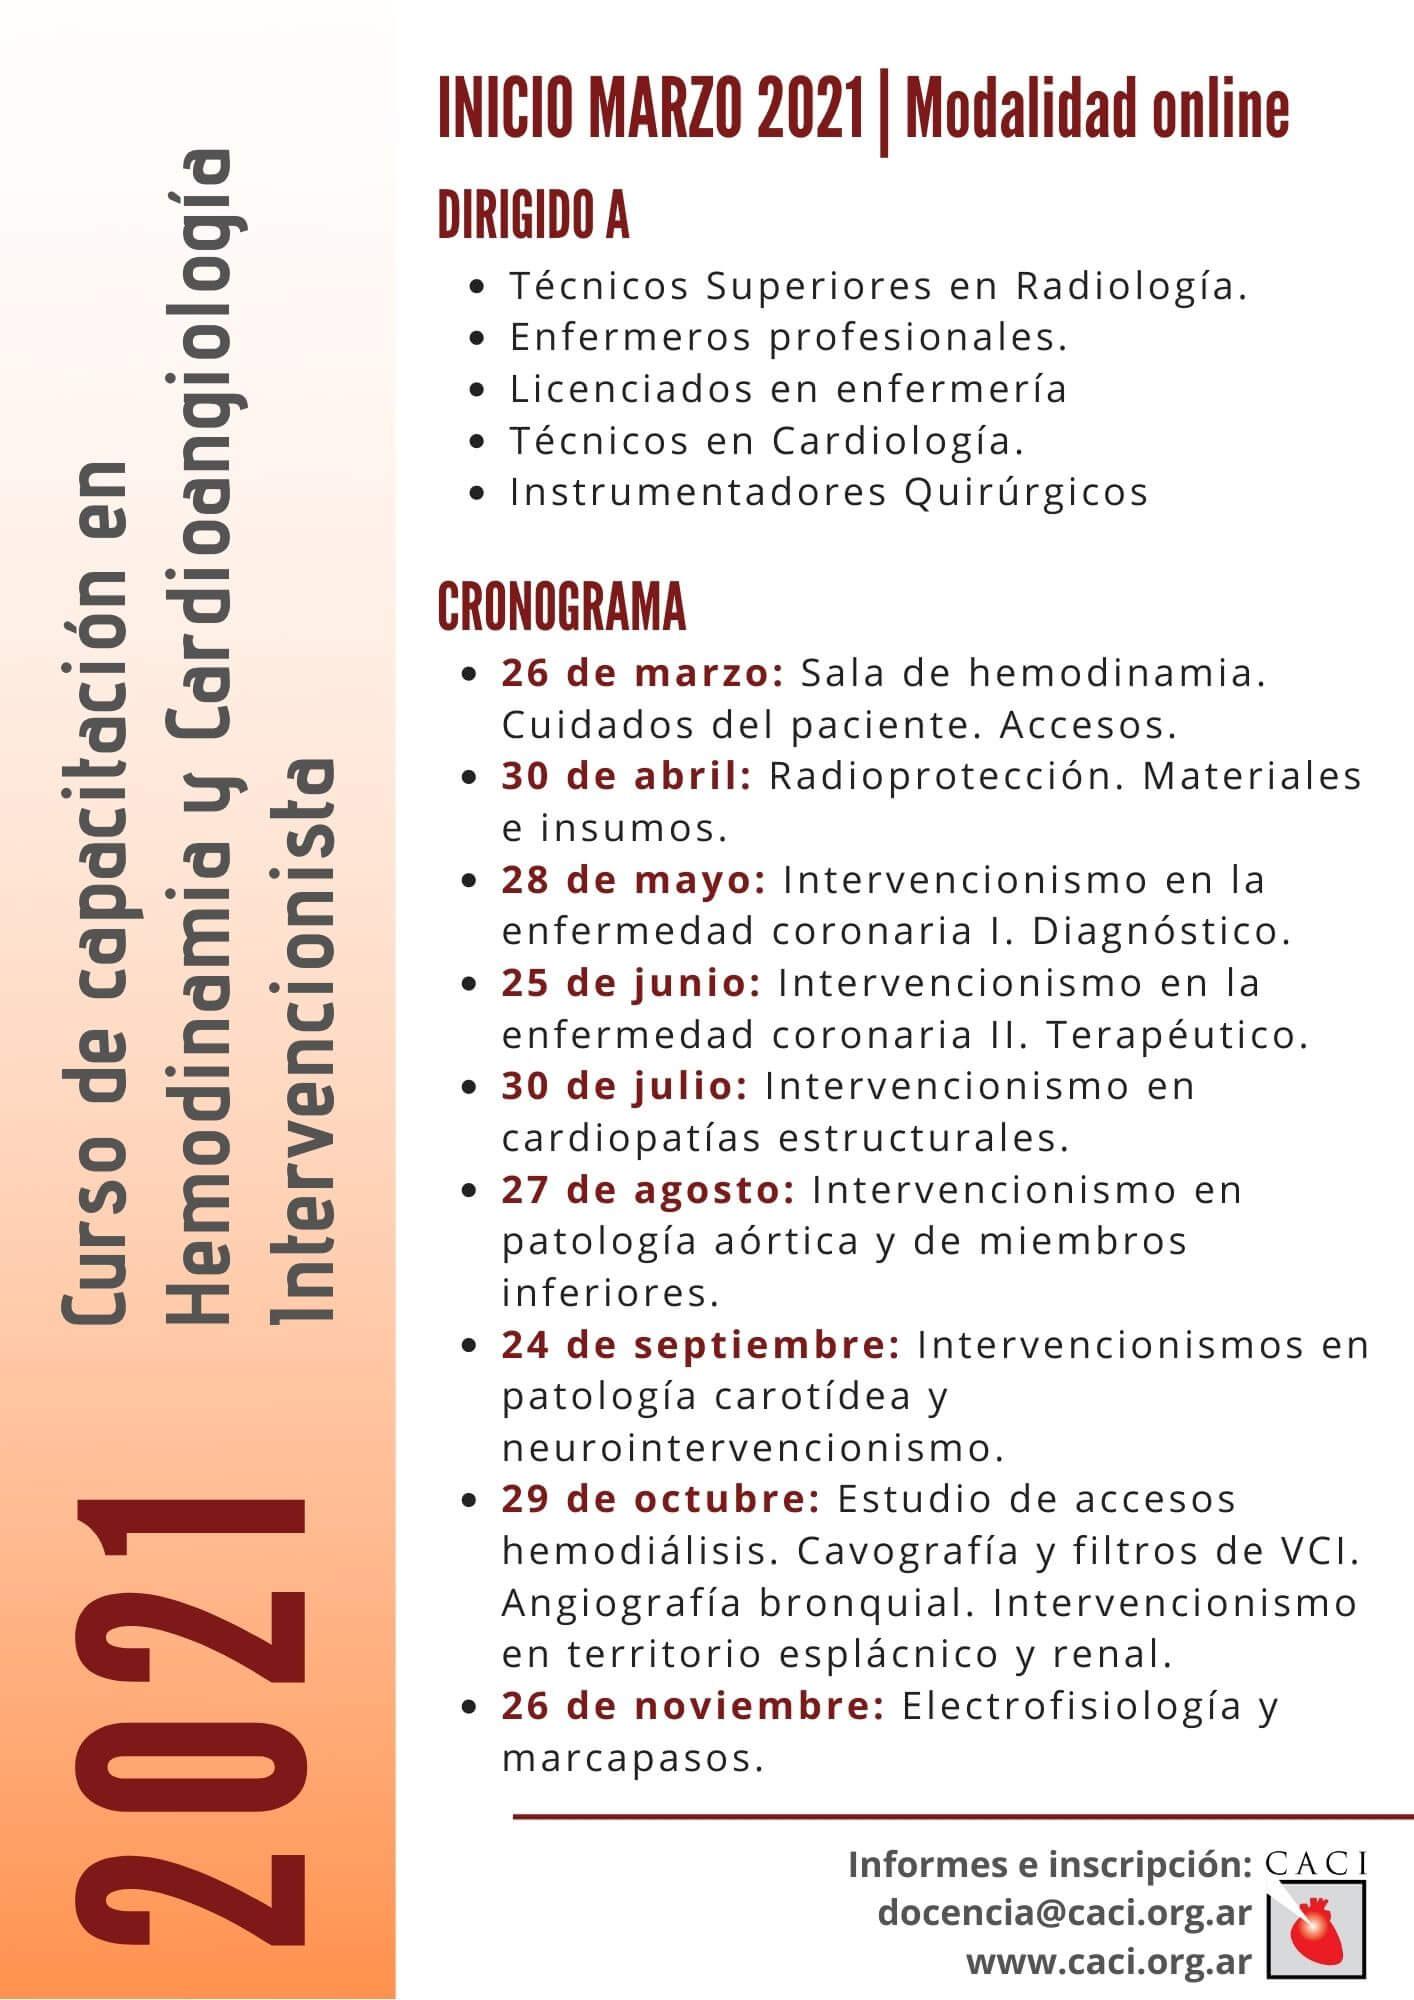 2021 Curso de capacitación en Hemodinamia y Cardioangiología Intervencionista